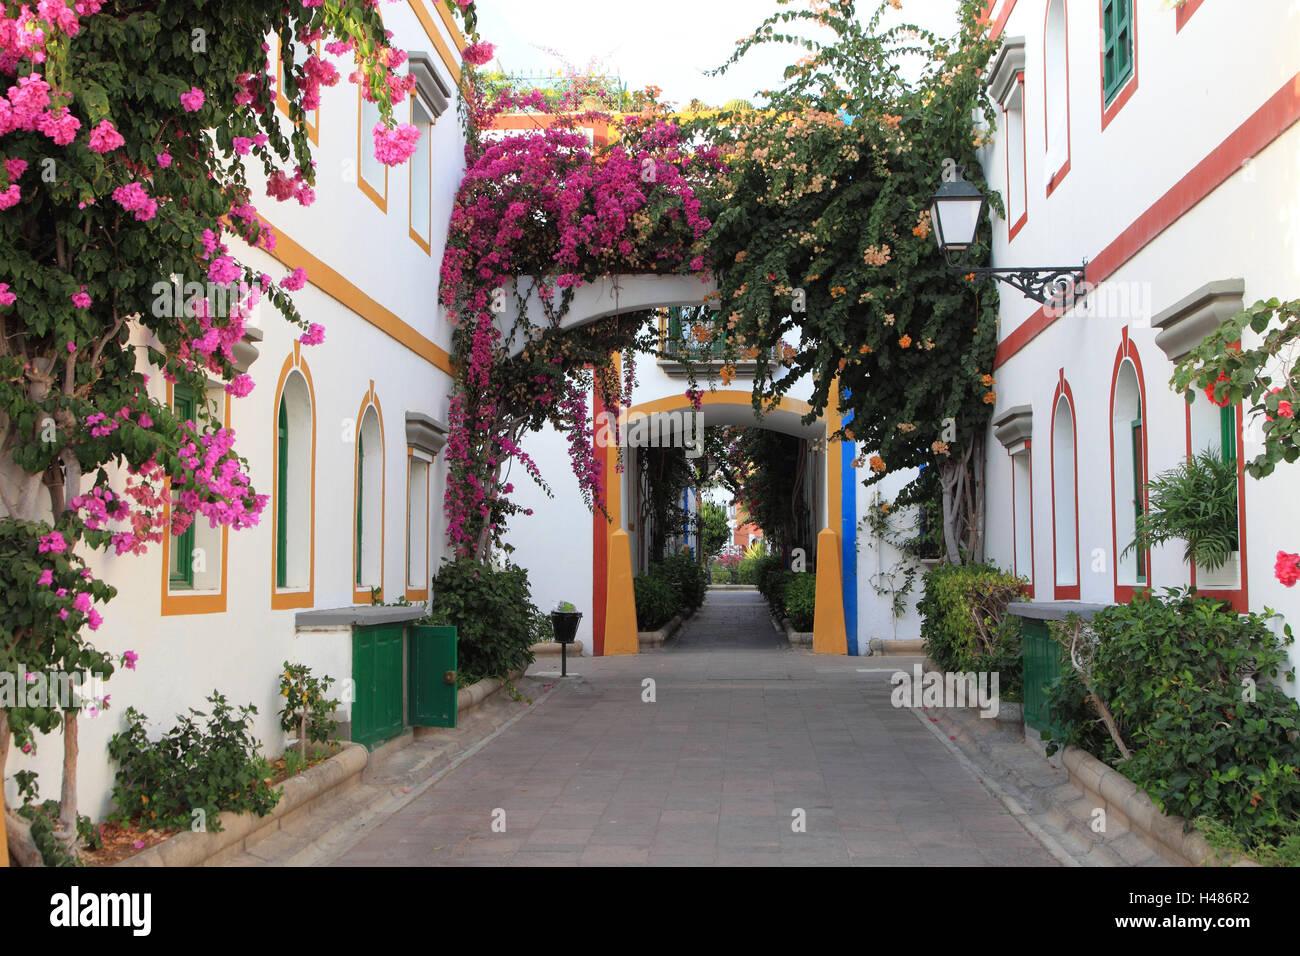 Kanarische Inseln, Gran Canaria, Puerto de Mogan, Lane, Blumen, rosa, Hafen, Trauerweiden, Stadt, Spanien, Landschaften, Stockbild